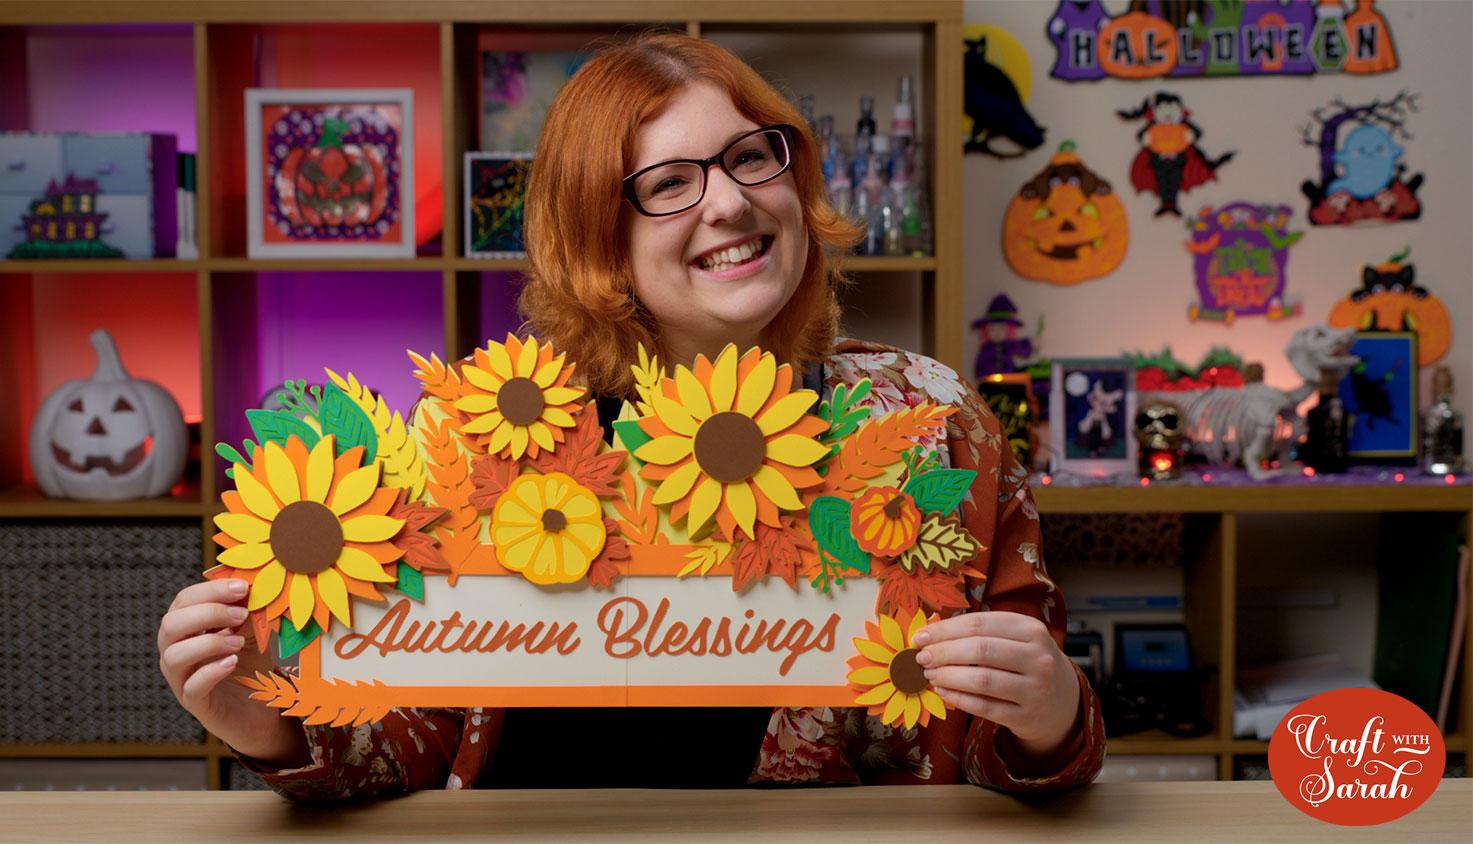 Craft with Sarah giant layered fall sign